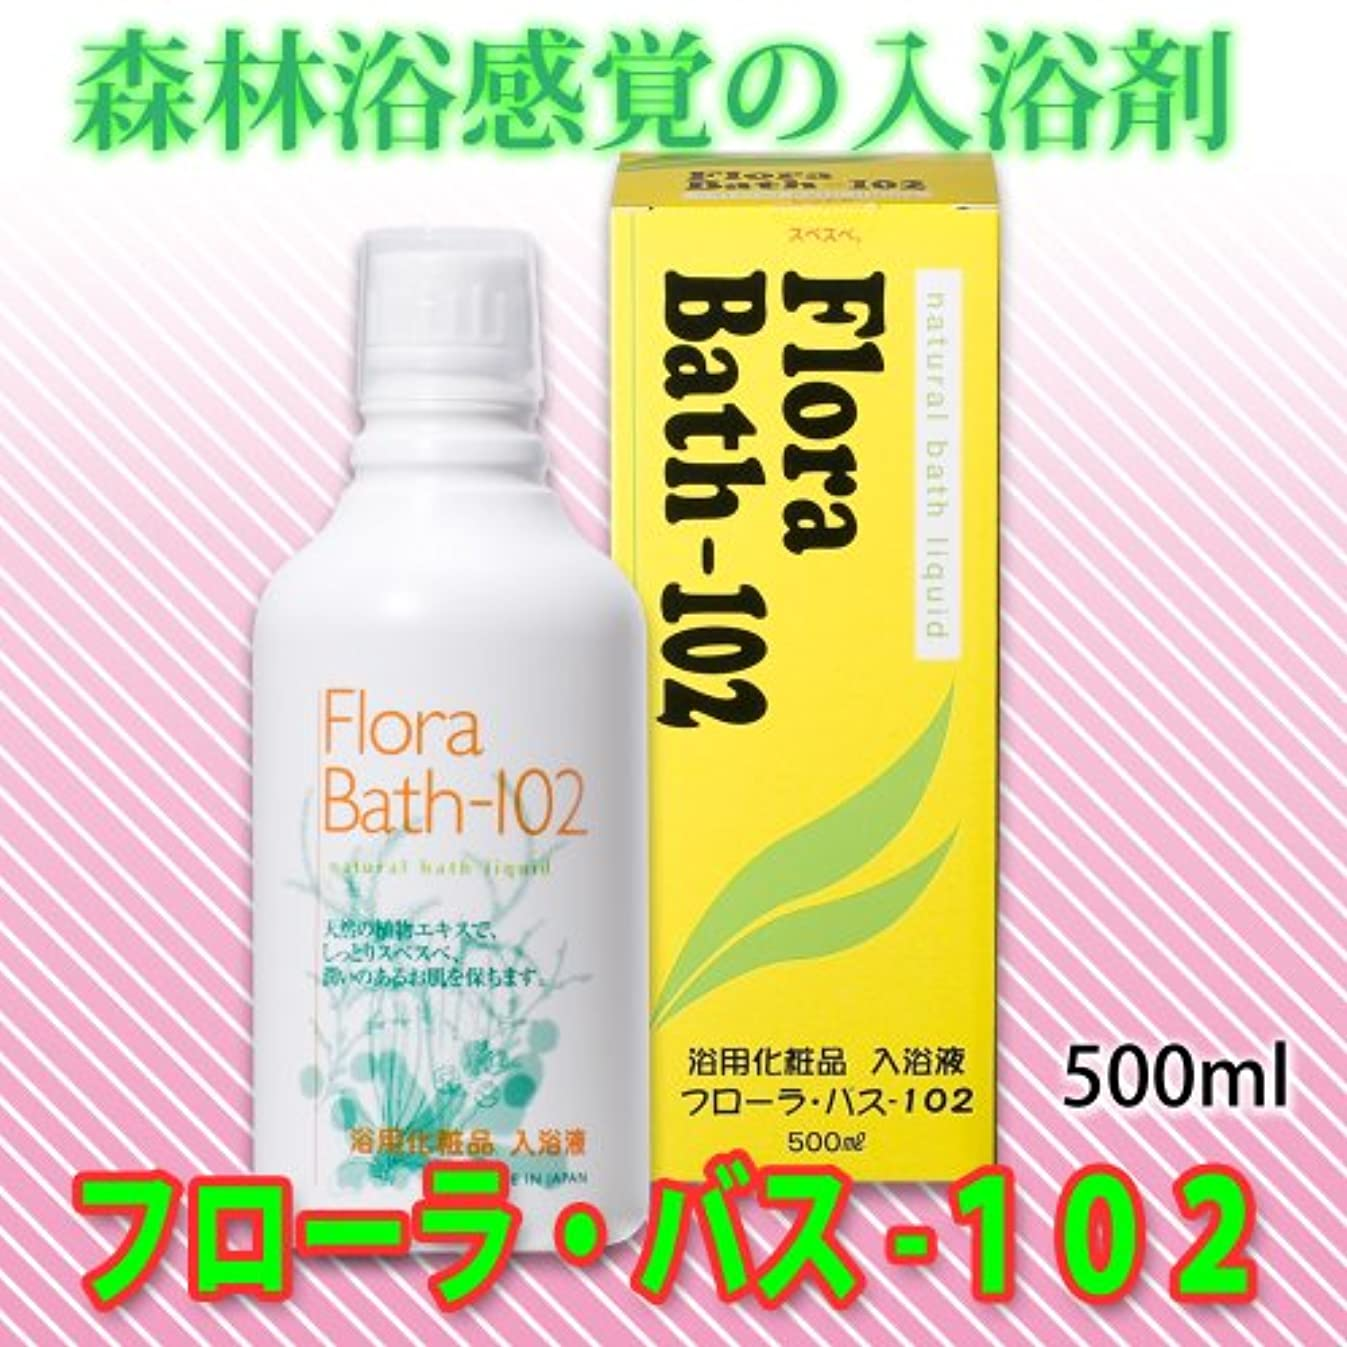 直面する魔法バズフローラ 植物エキス保湿入浴液(無香料) フローラ?バス-102  500ml